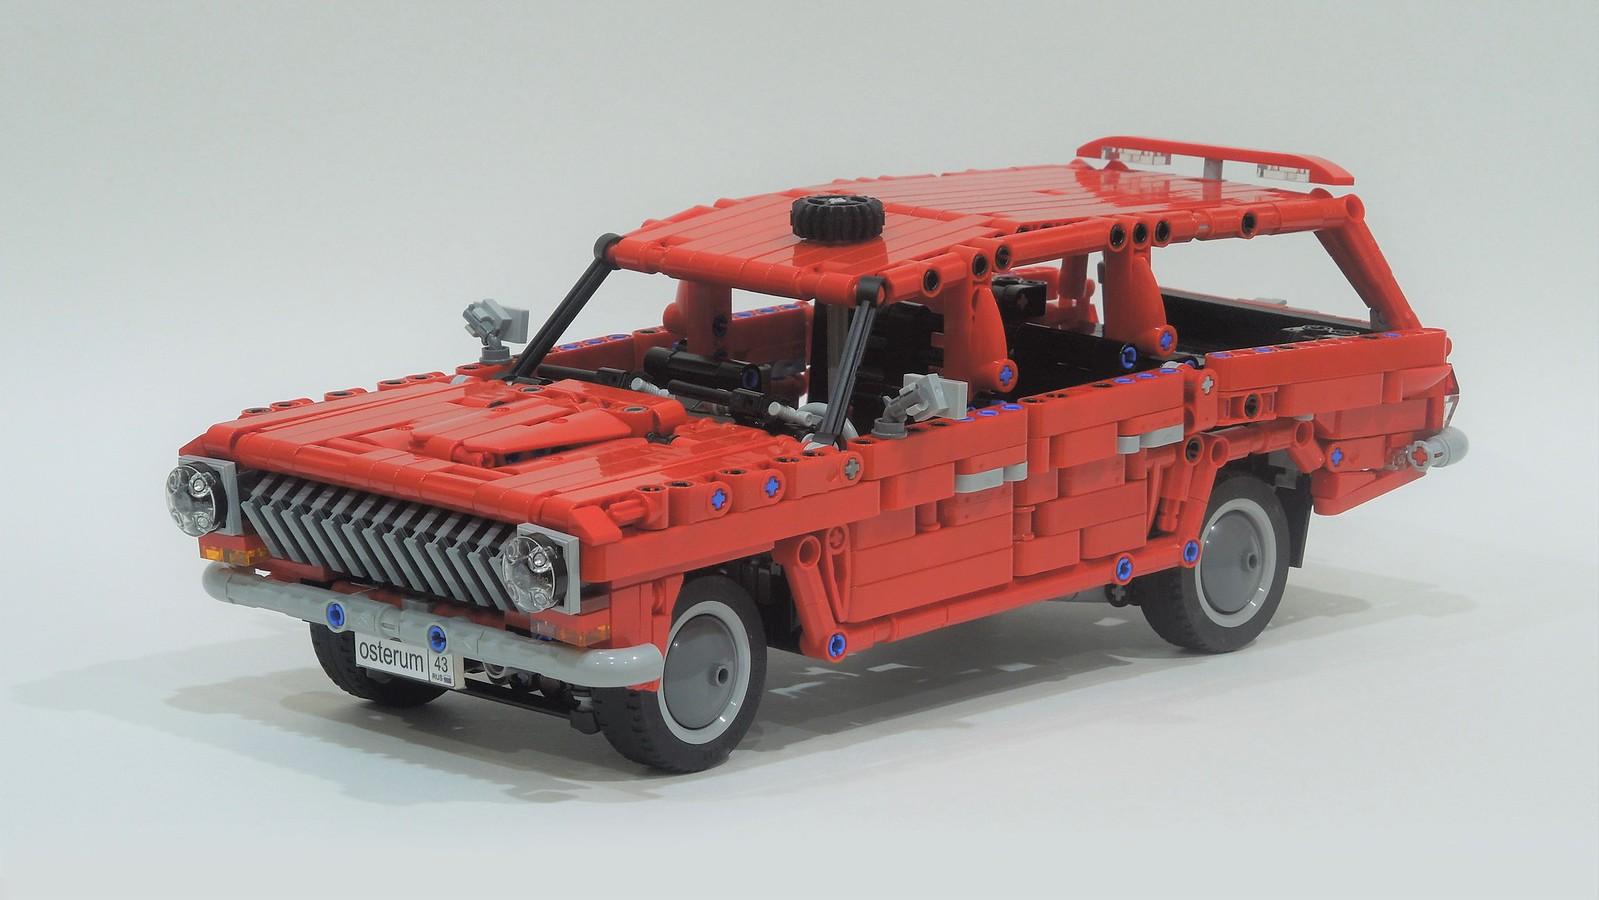 GAZ-2402 - Soviet Union's wagon